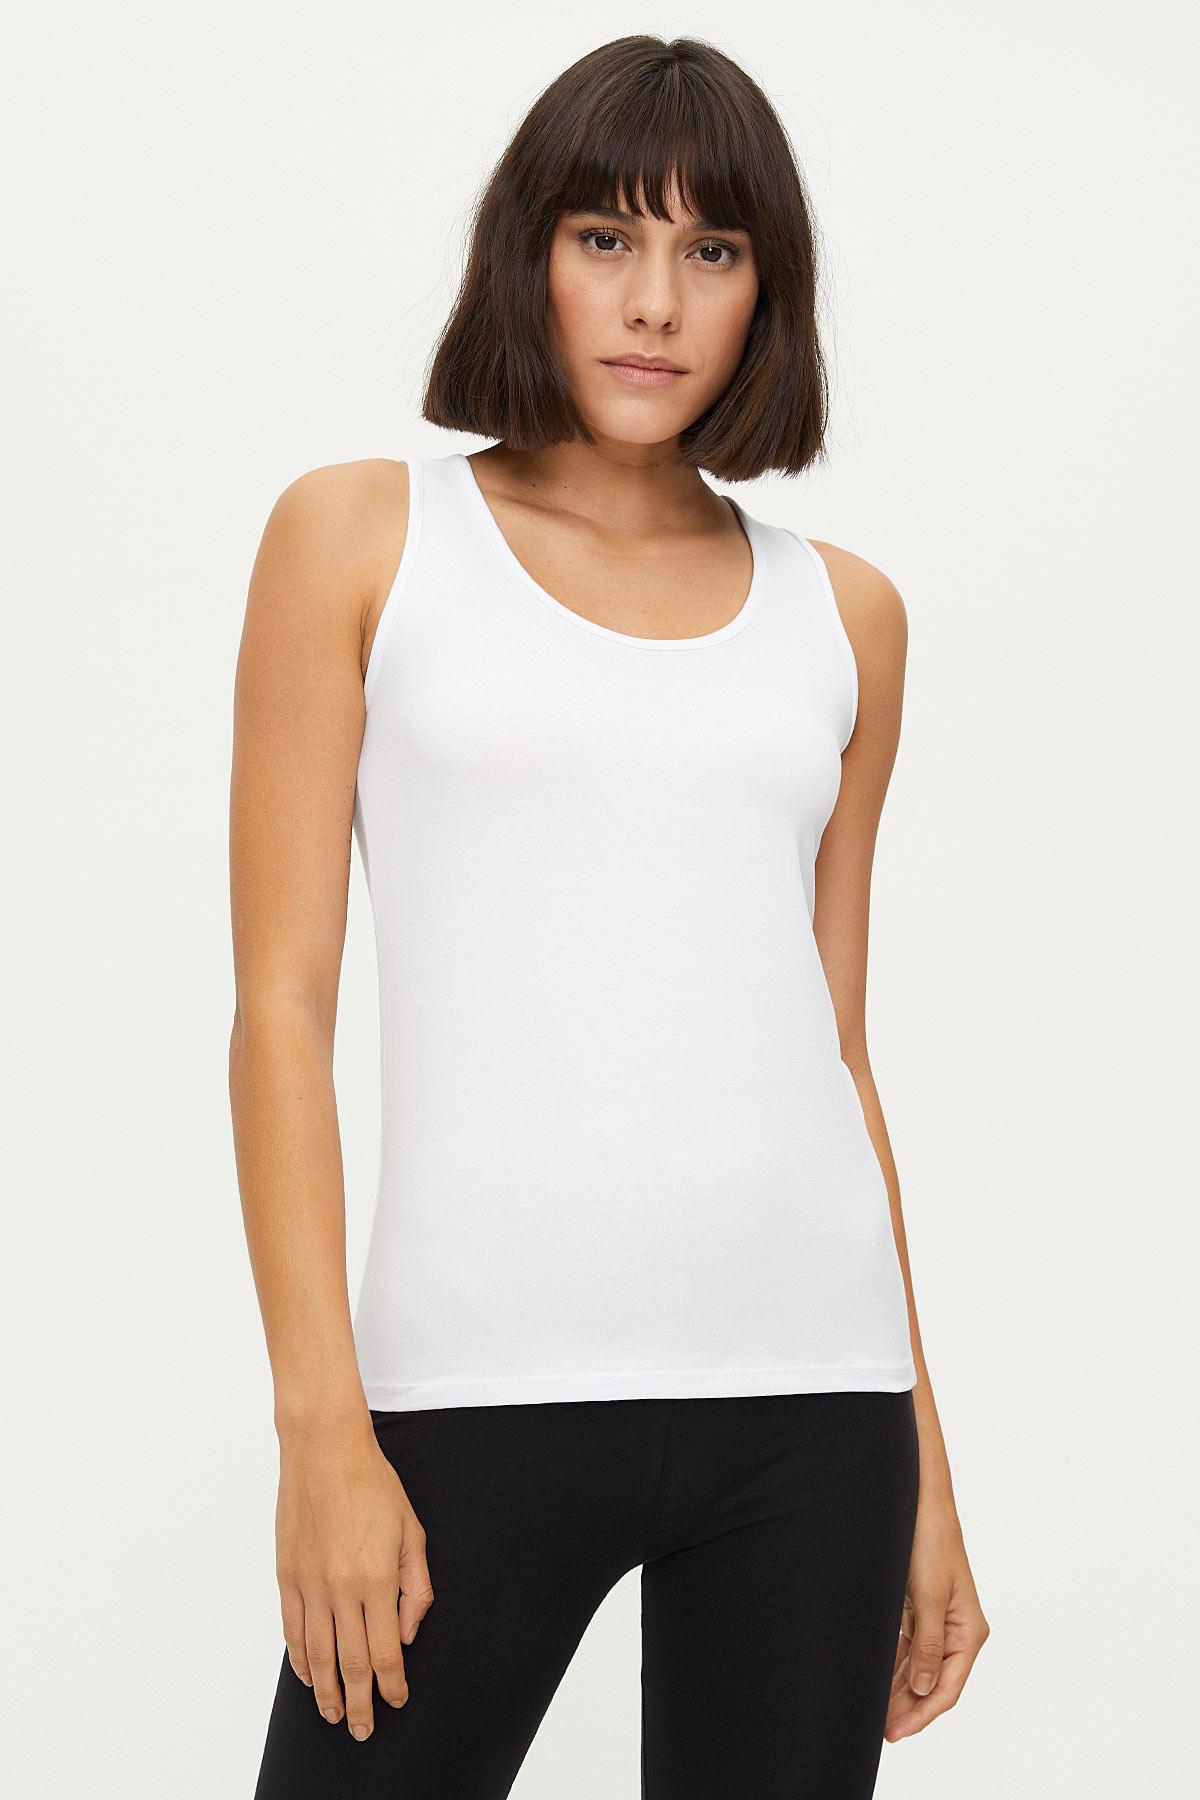 1247 Lycra Wide Strappy Ladies Undershirt